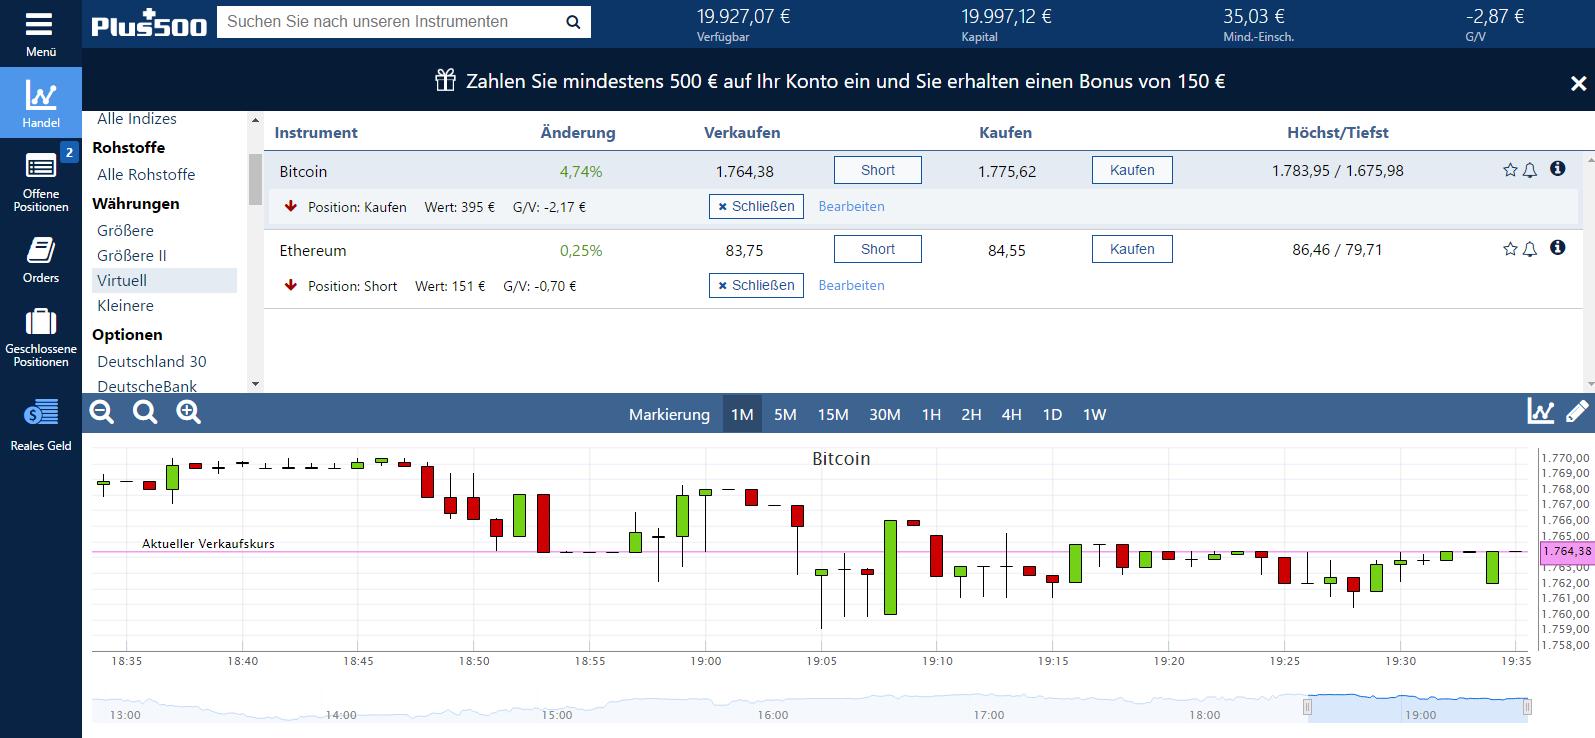 Plus500 ethereum trading